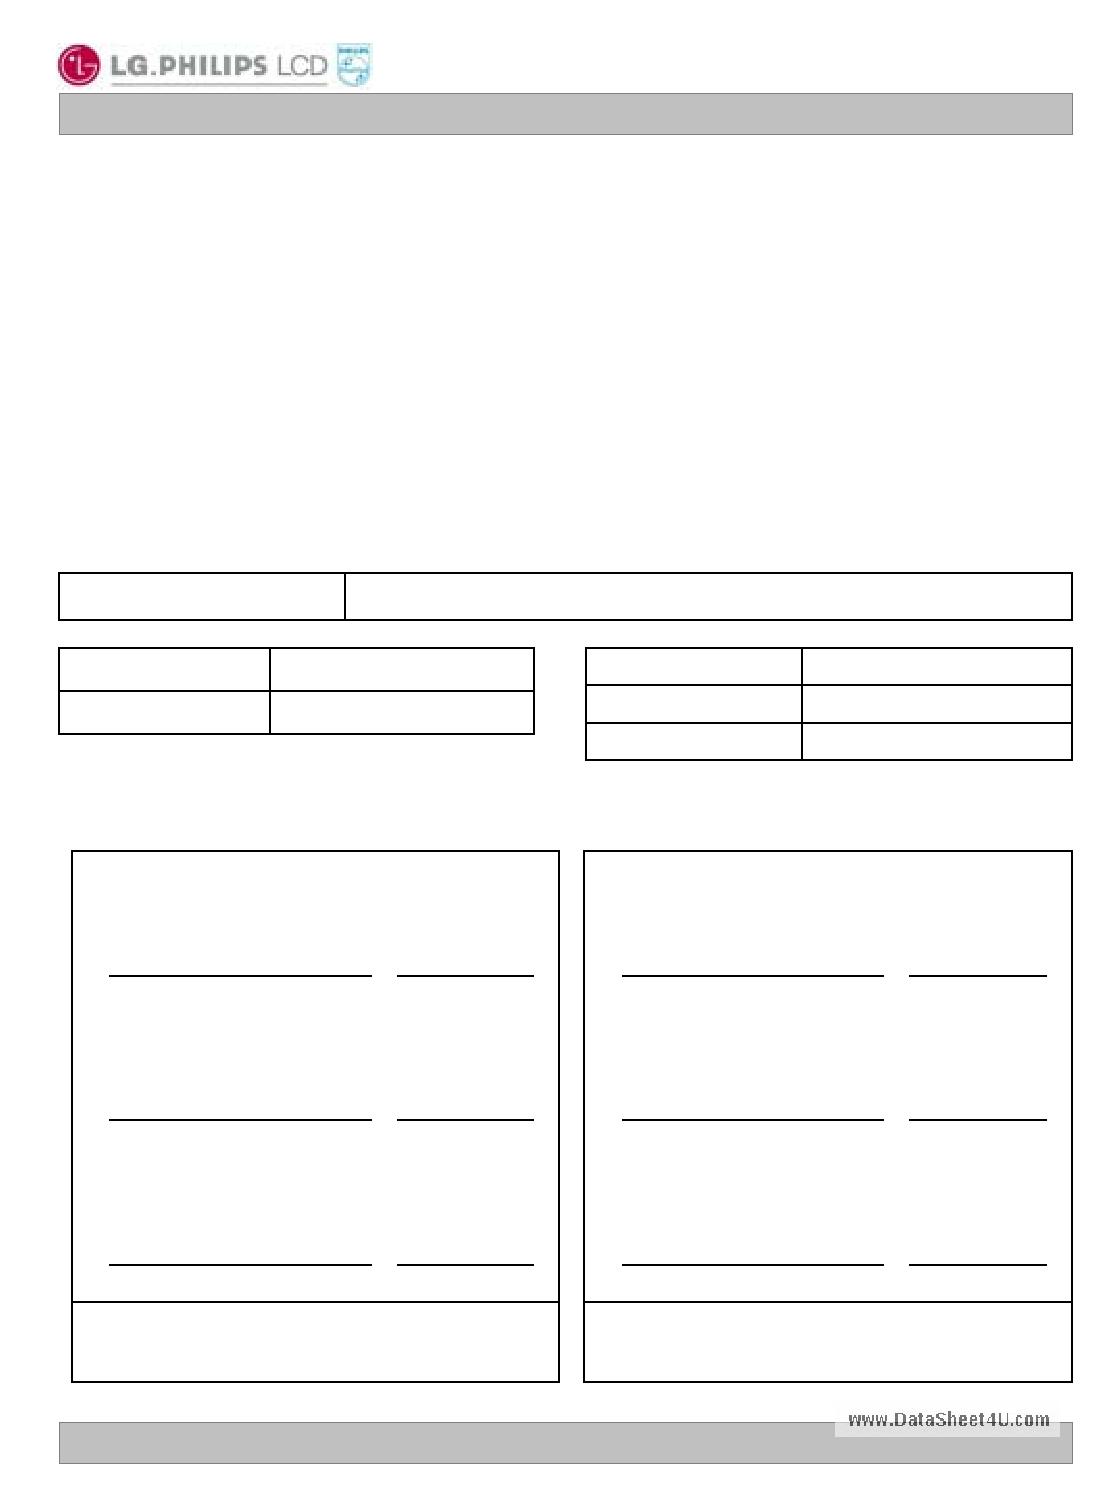 LC320W01 datasheet